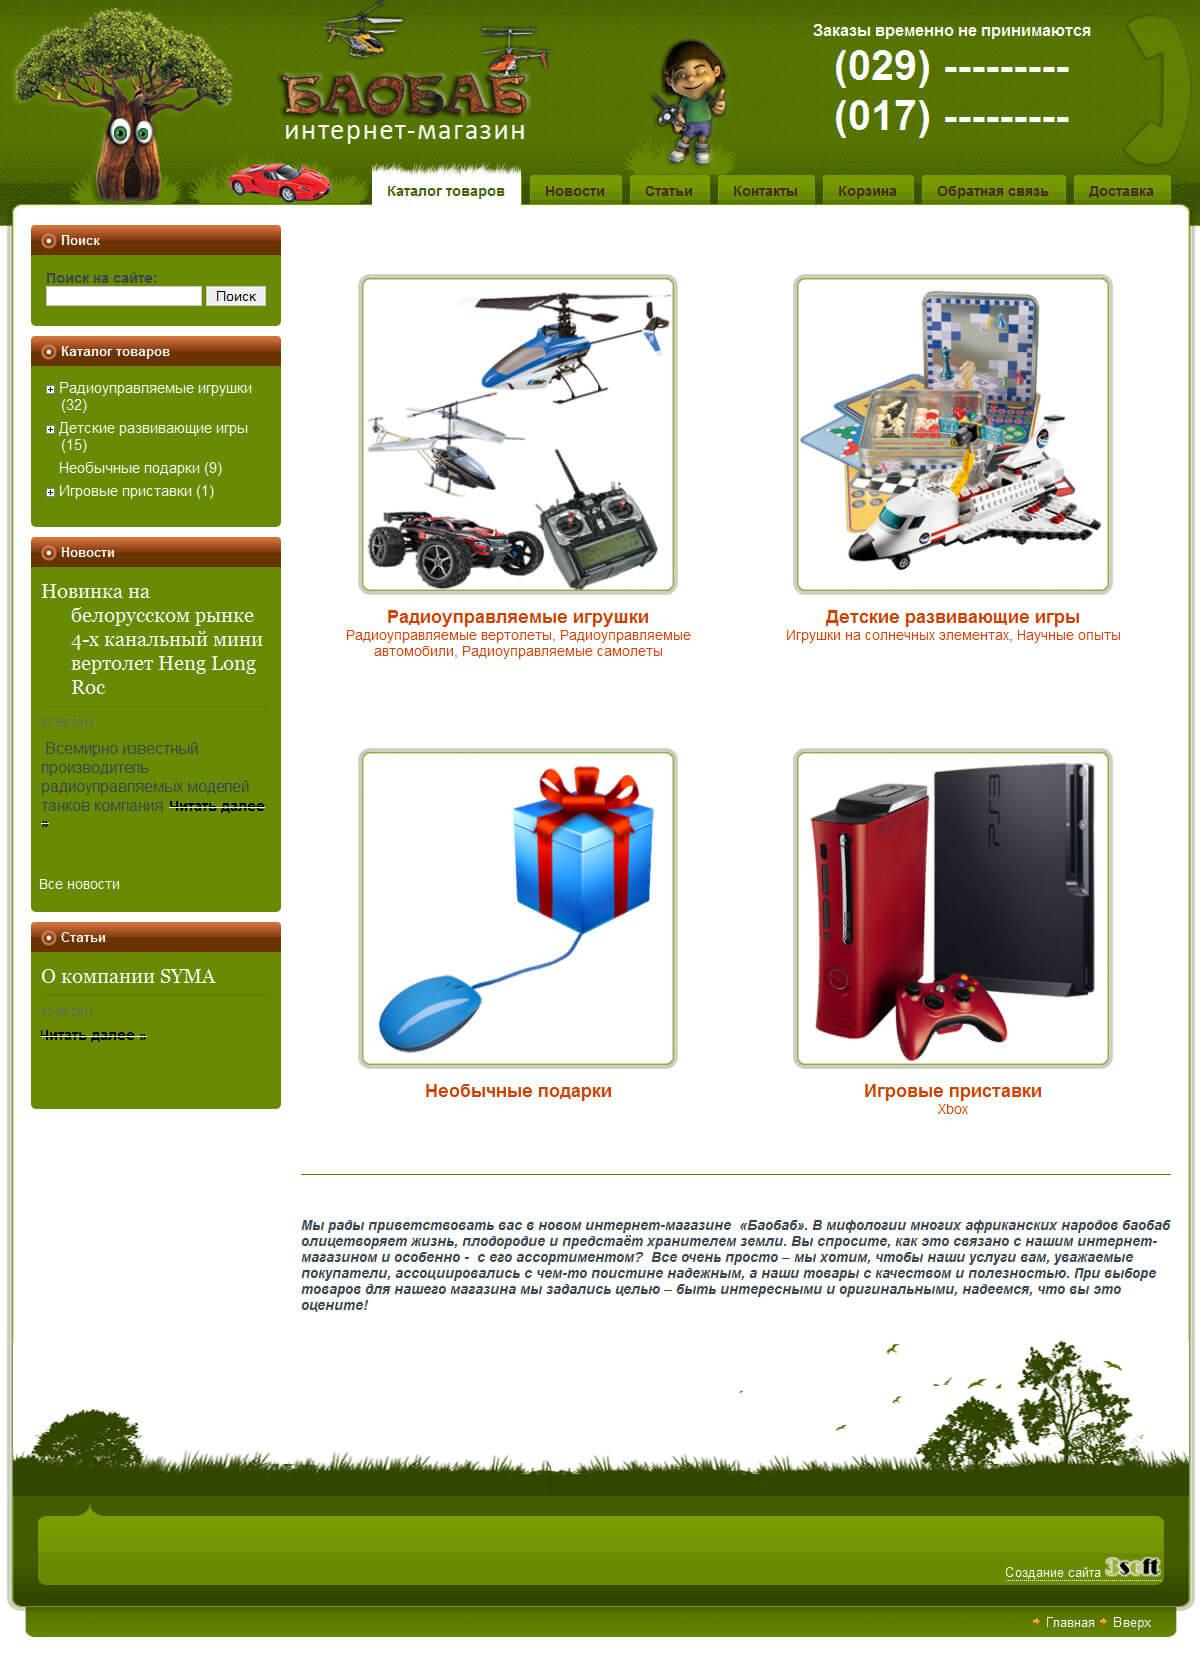 Интернет-магазин «Баобаб». Главная страница